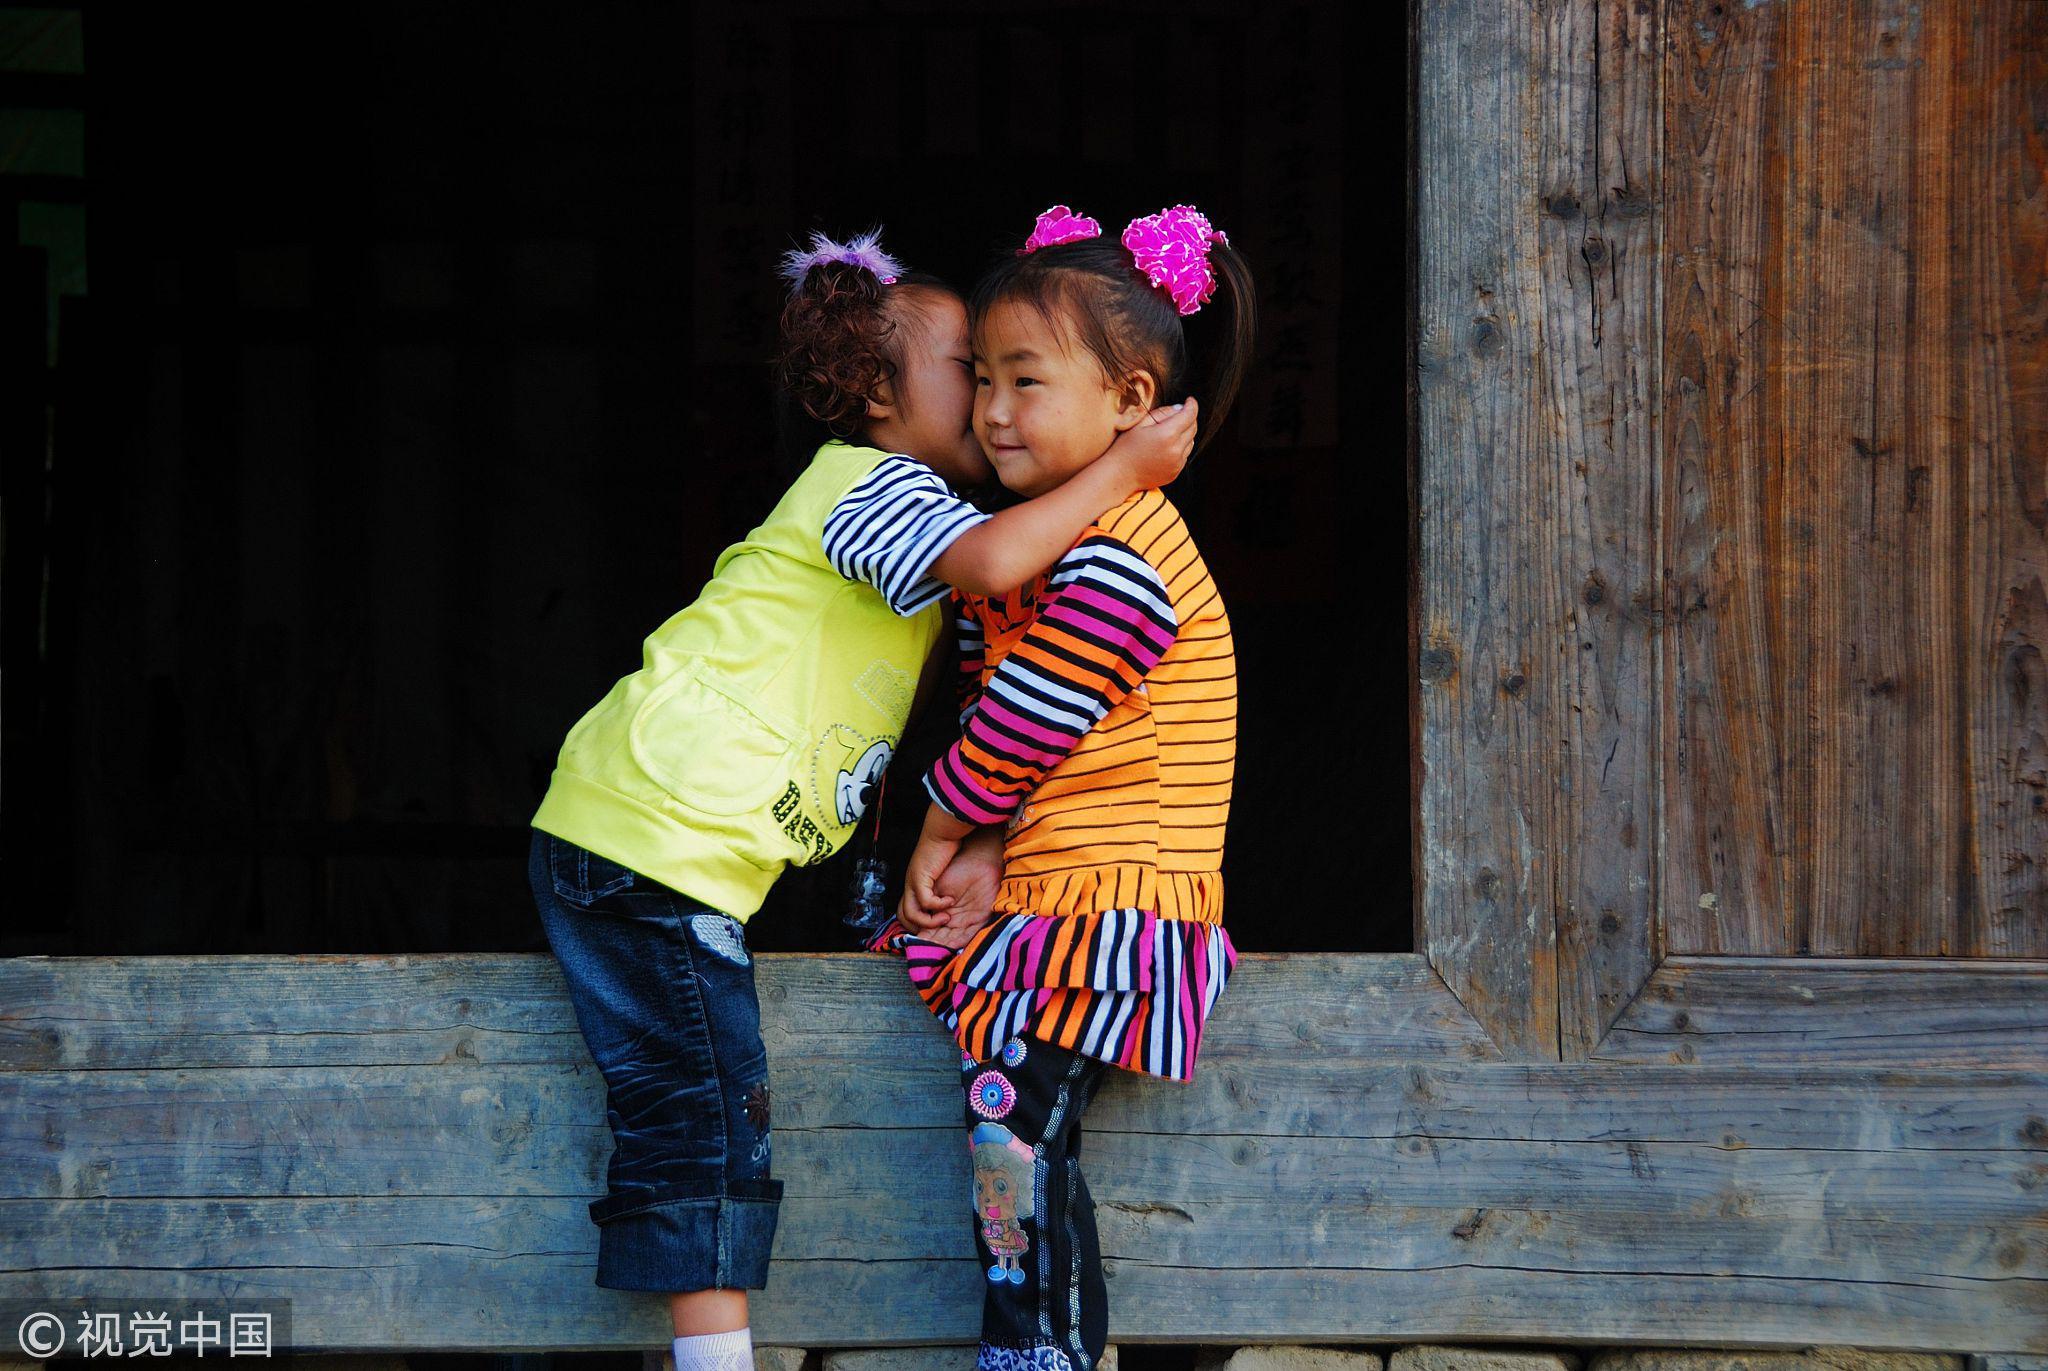 湖南邵阳,两个小女孩坐在门槛上讲悄悄话 / 视觉中国